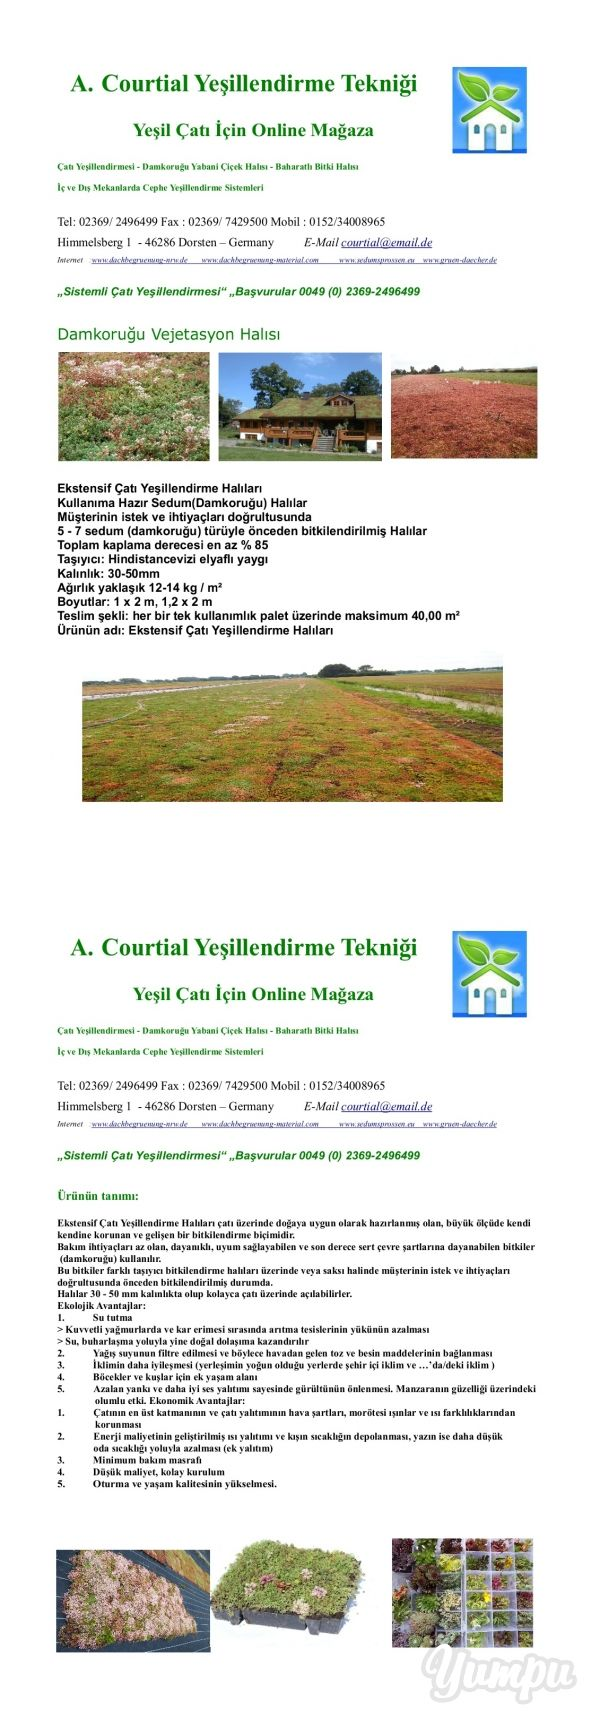 A. Courtial Yeşillendirme Tekniği - Magazine with 2 pages: Çatı Yeşillendirmesi - Damkoruğu Yabani Çiçek Halısı - Baharatlı Bitki Halısı  Tohumları-Taze Ekin - İç ve Dış Mekanlarda Cephe Yeşillendirme Sistemleri